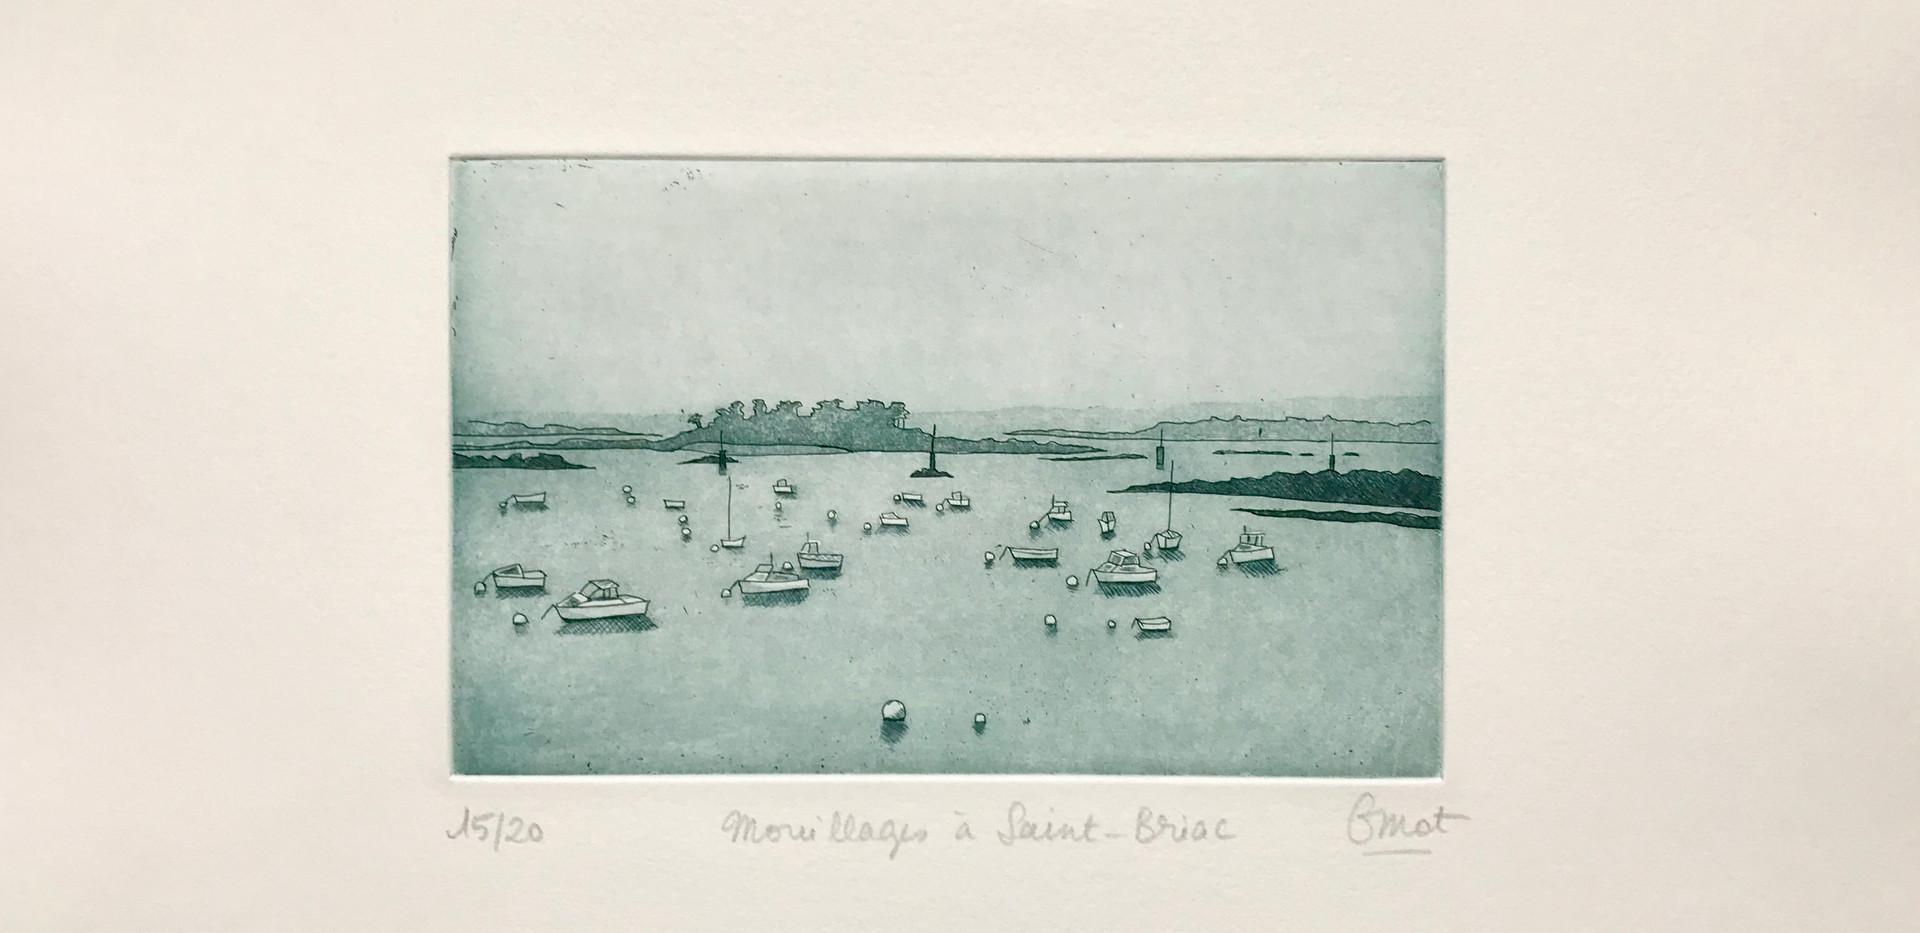 Moorings of Saint-Briac